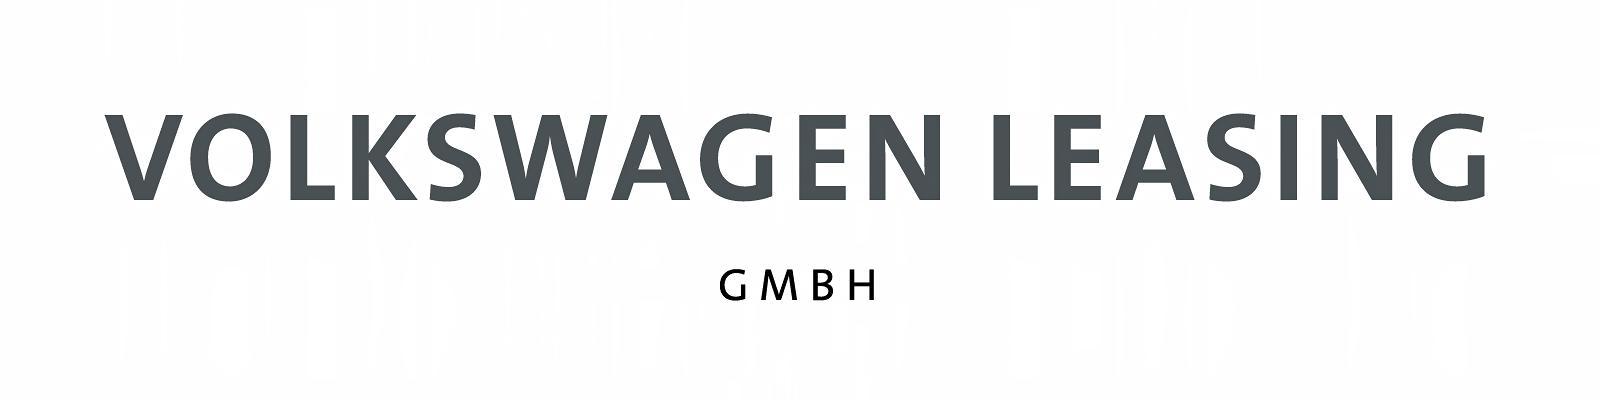 Volkswagen Leasing Logo